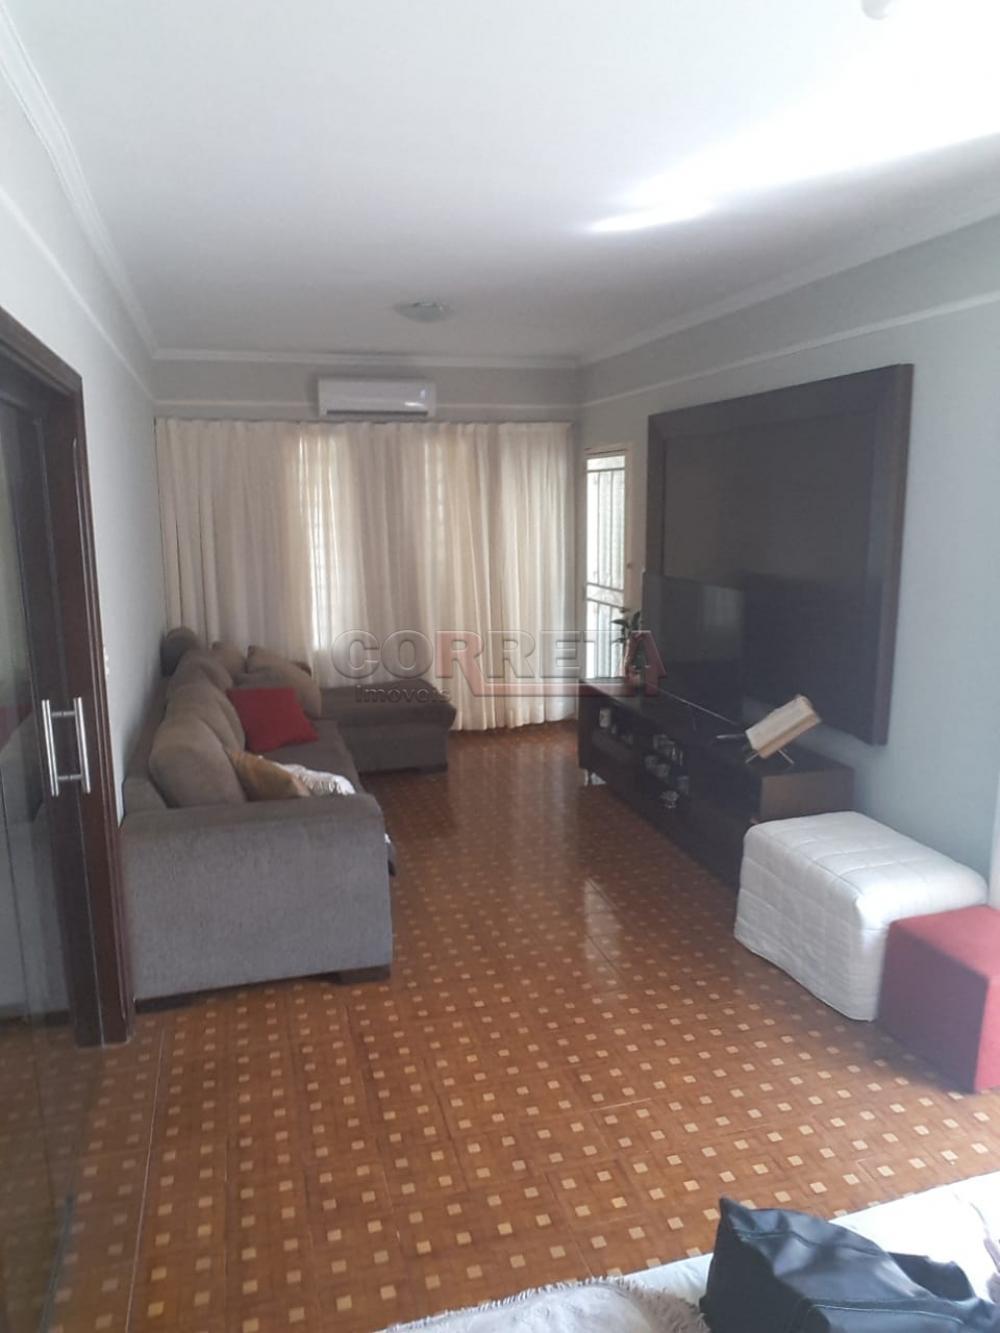 Comprar Casa / Residencial em Araçatuba R$ 320.000,00 - Foto 2